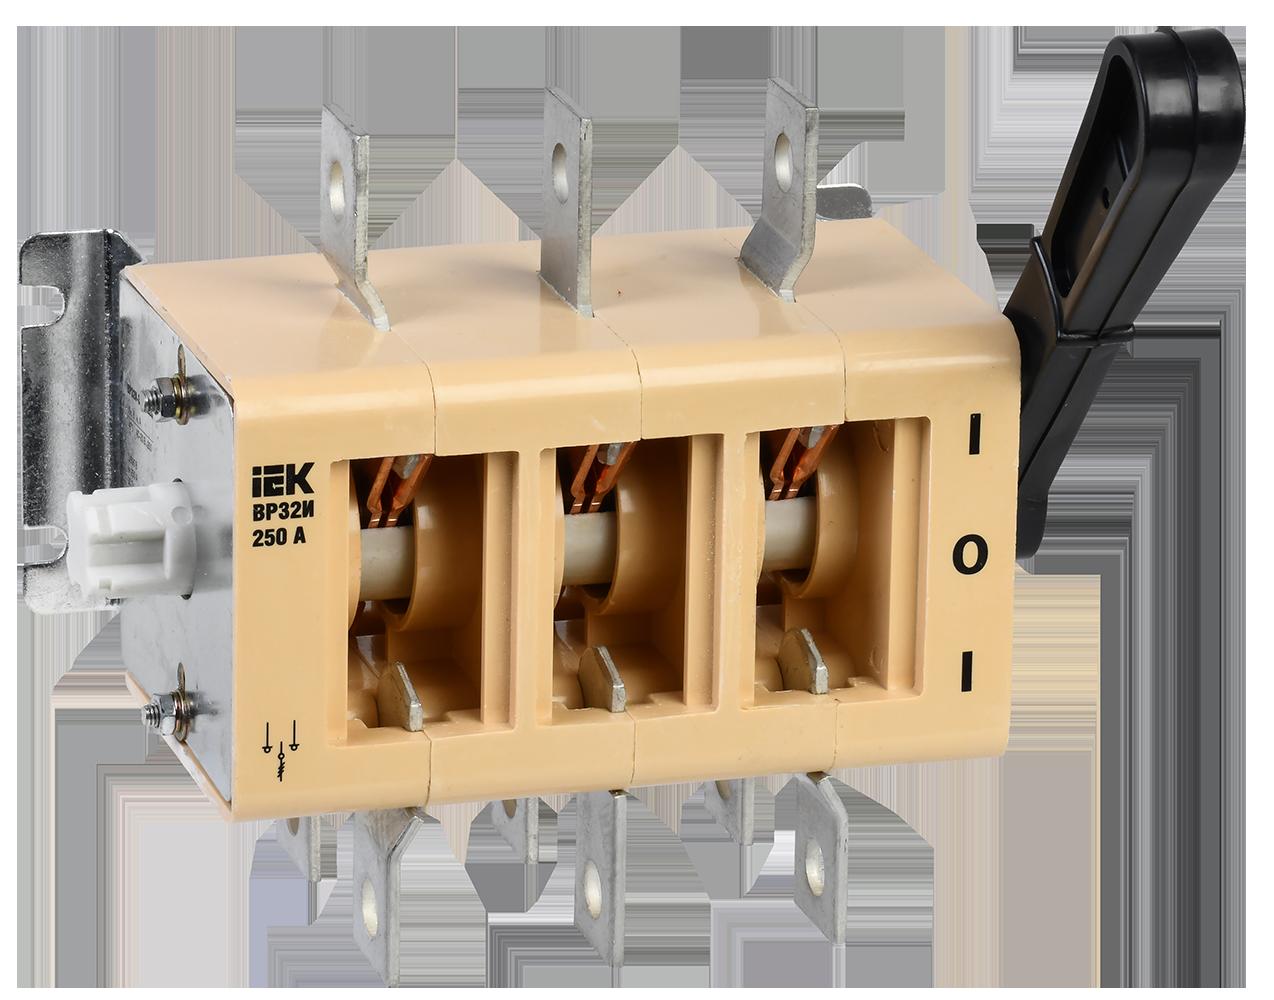 Выключатель-разъединитель ВР32И-35А70220 250А на 2 направления без дугогасительной камеры IEK